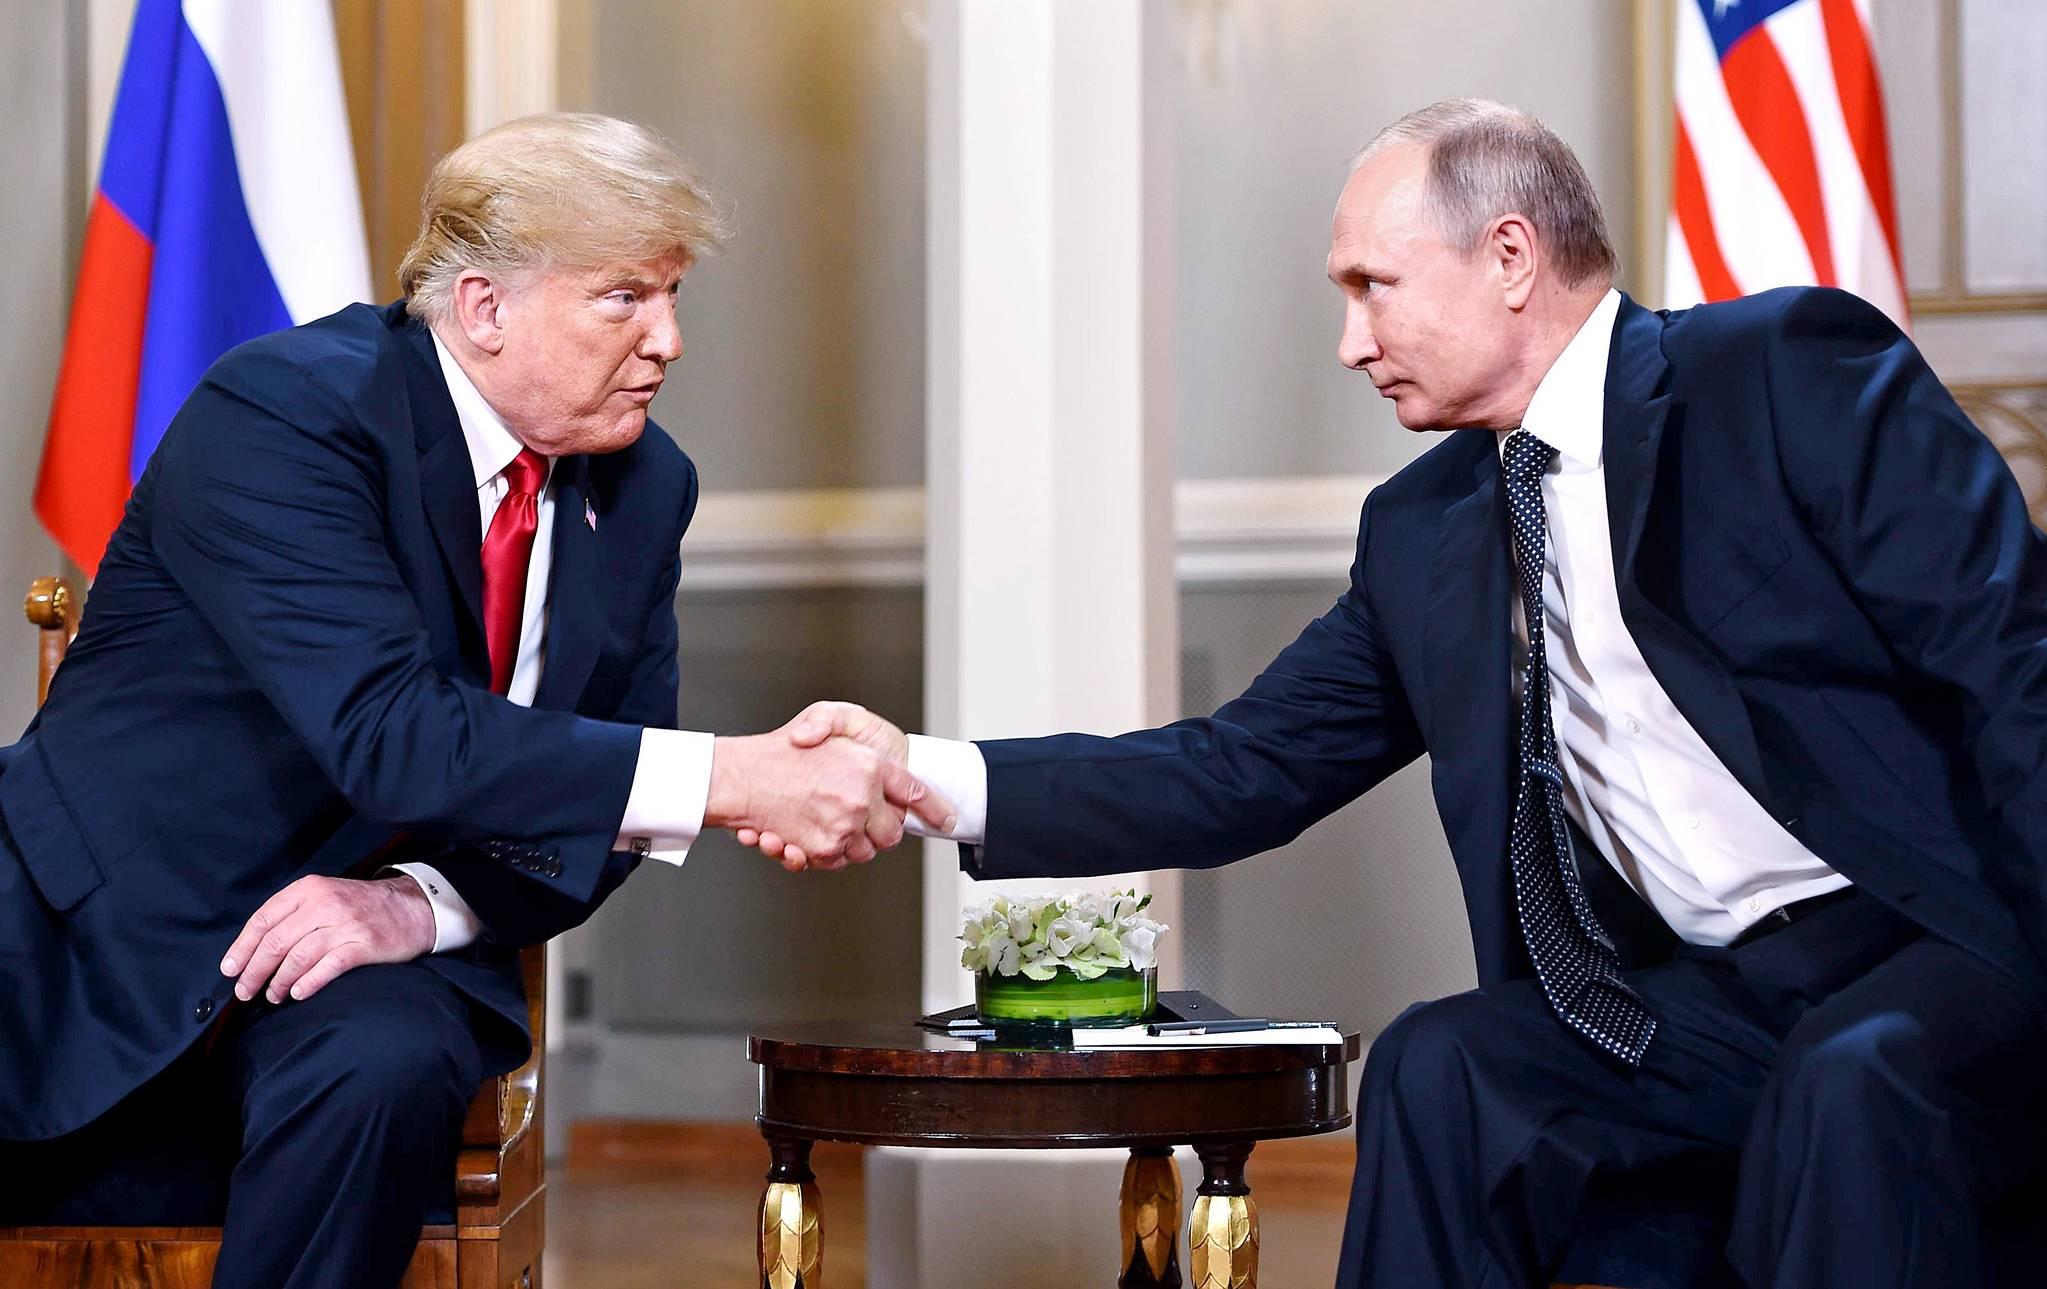 푸틴 트럼프의 적들이 정상회담 폄훼하고 미·러 관계 개선 방해해